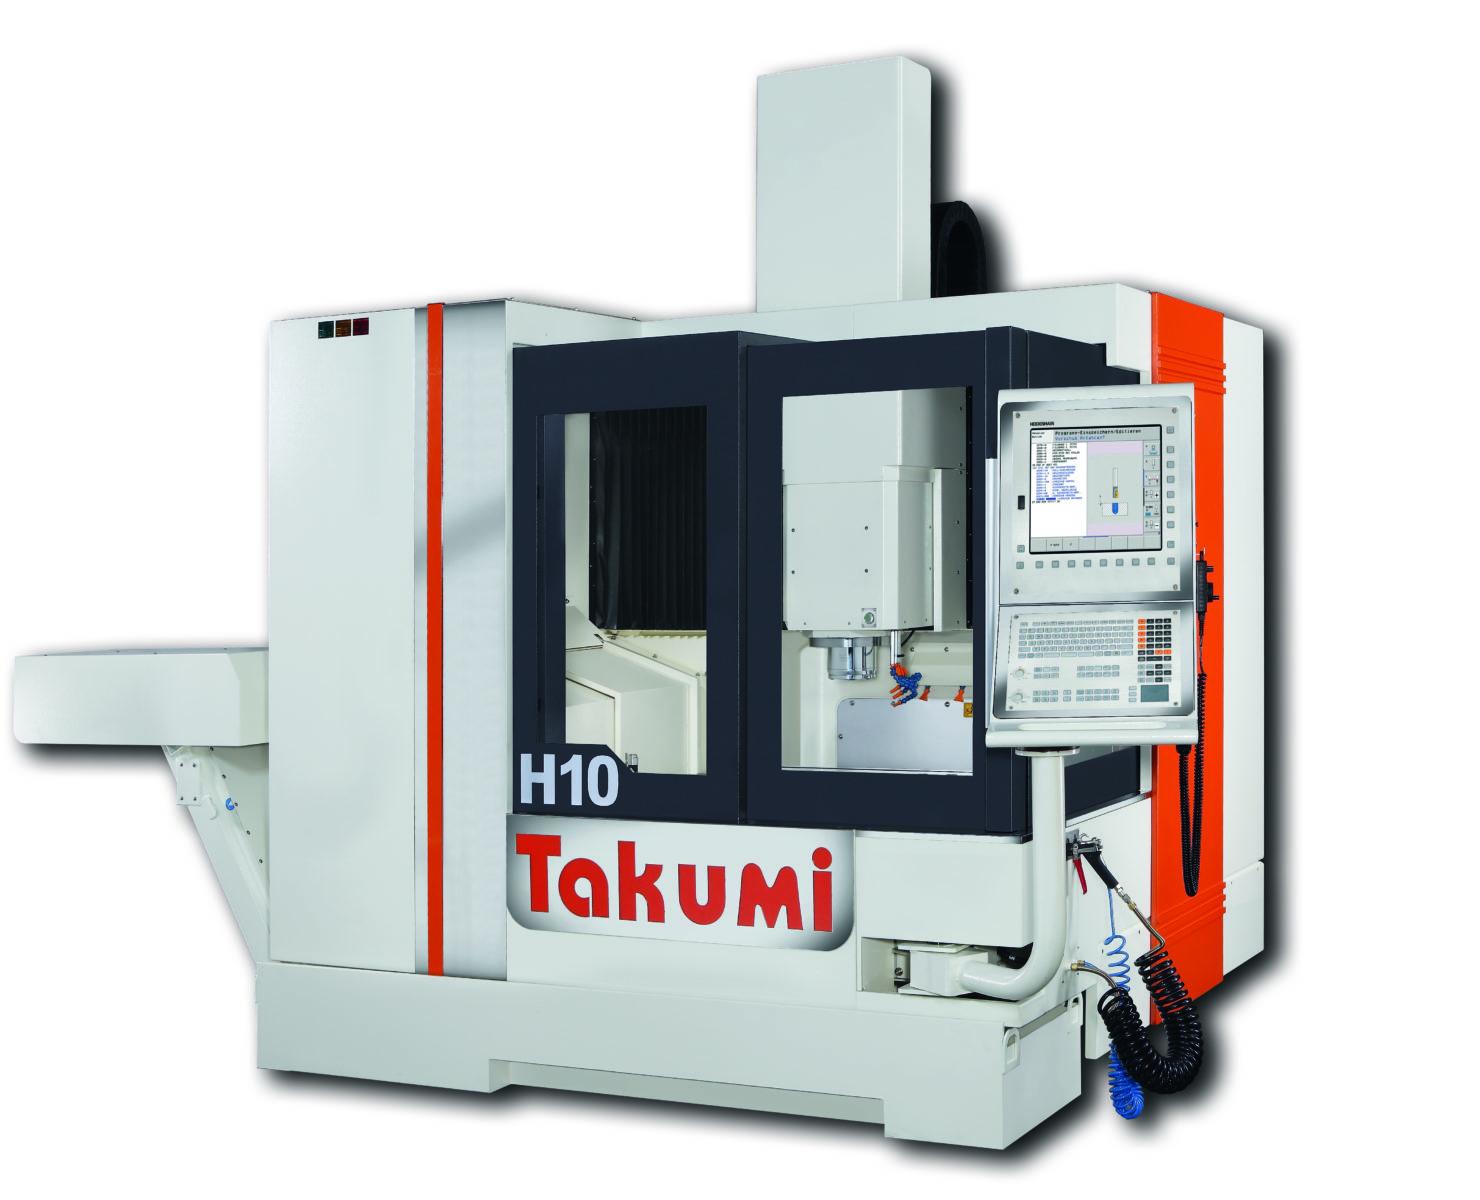 Takumi H10: 3-axis-Maching Center with  Heidenhain-Control